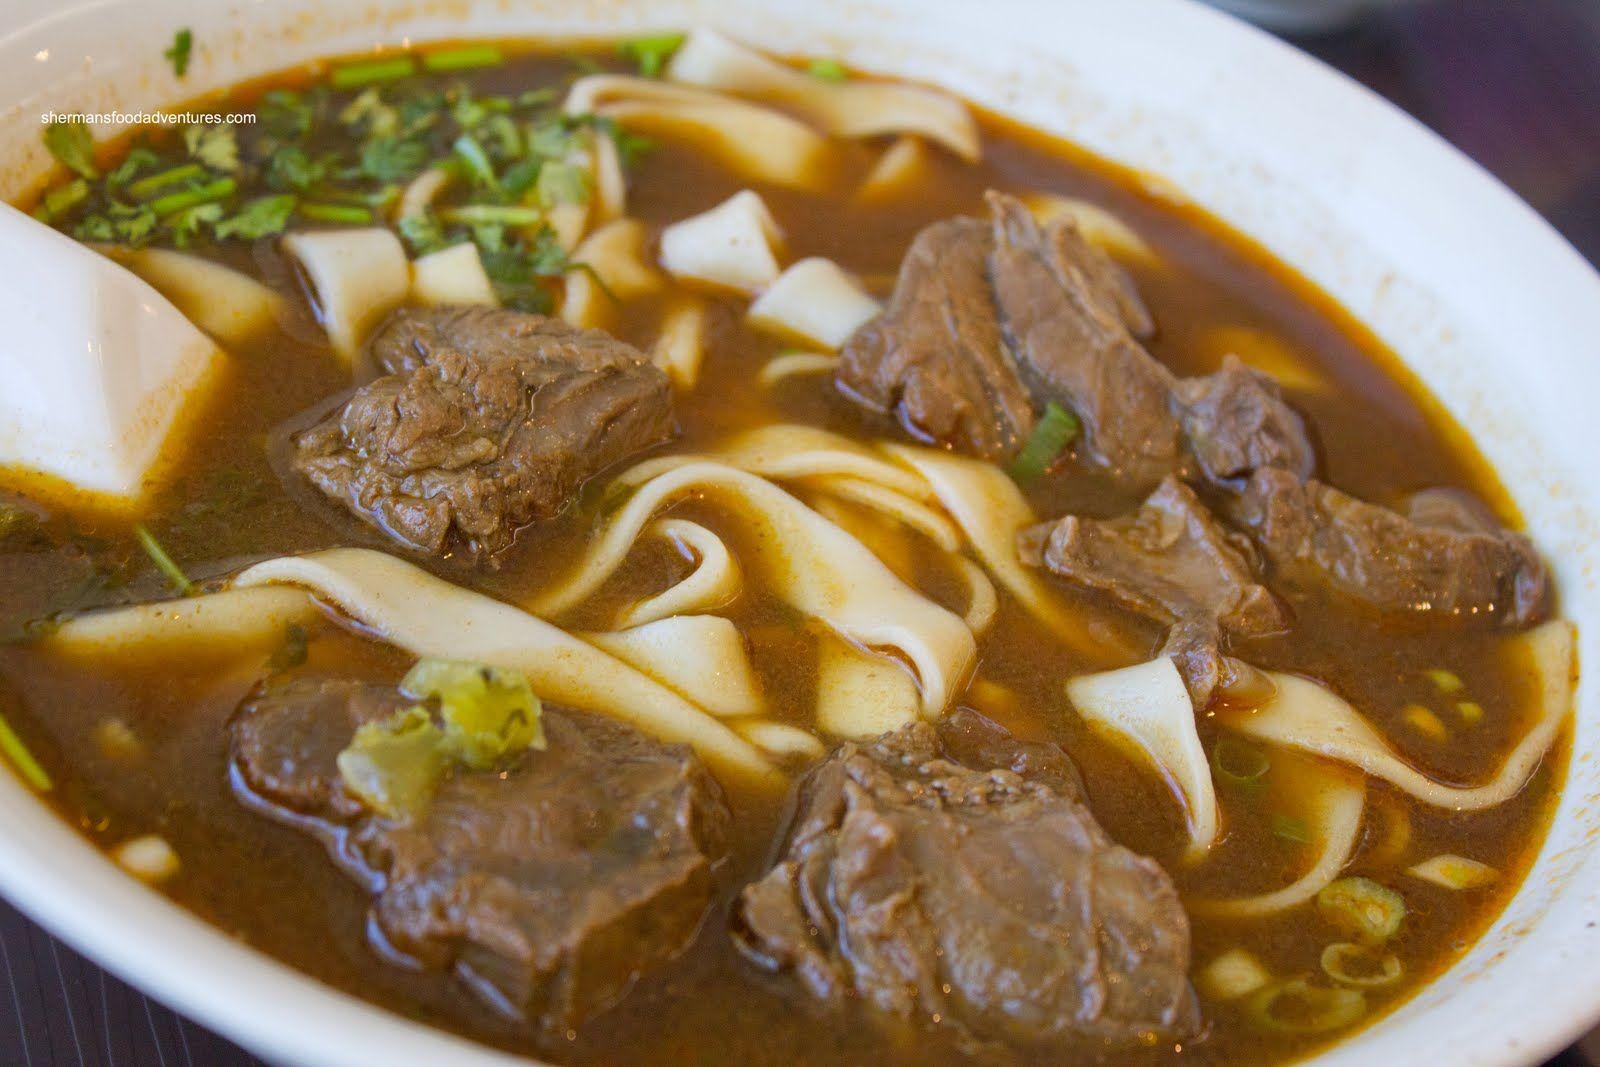 Суп из говядины рецепт с фото в домашних условиях